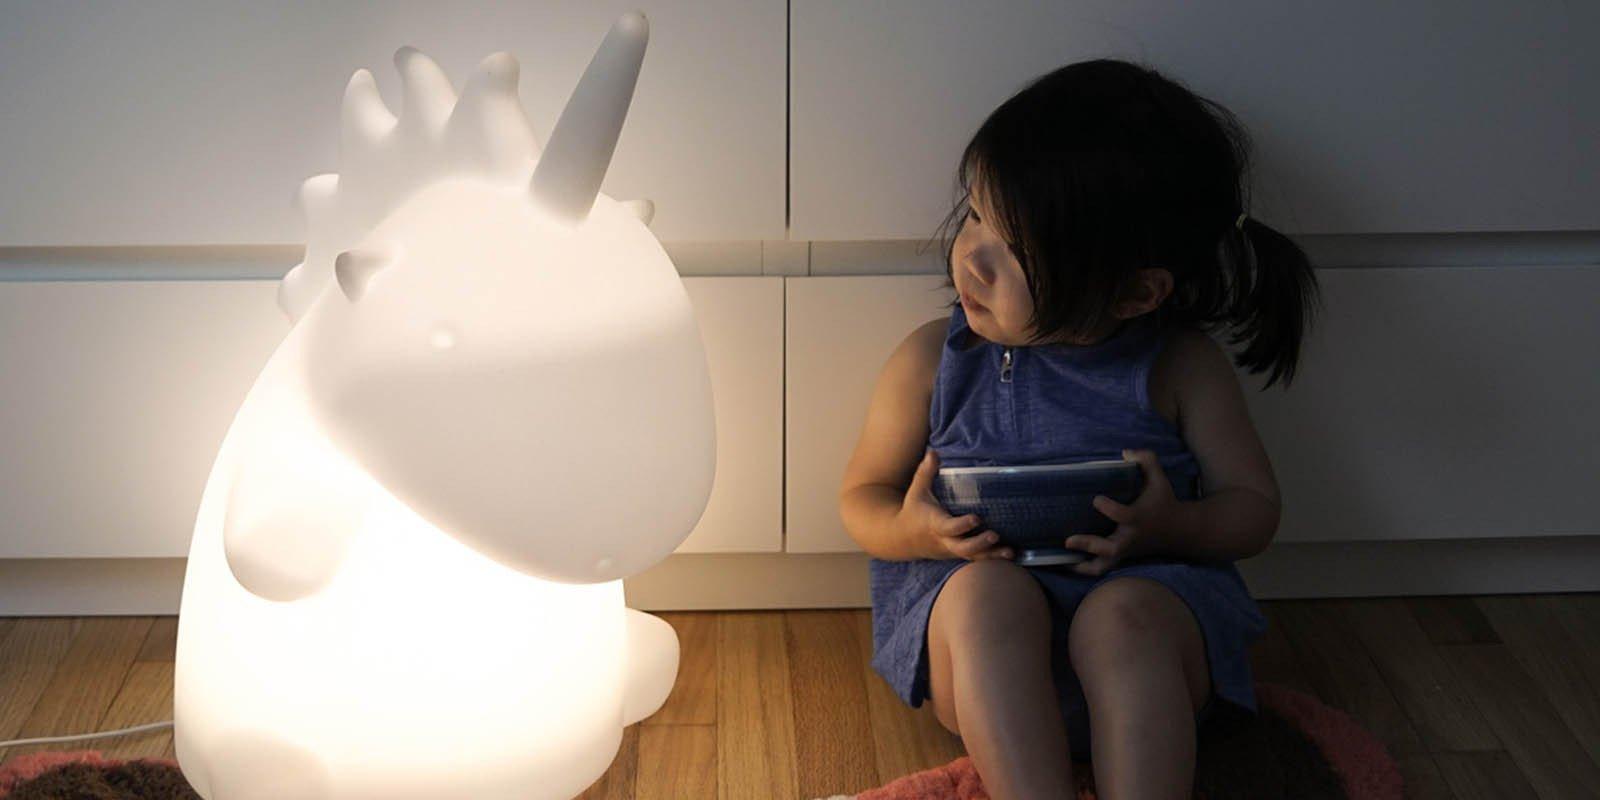 SMOKO Giant Unicorn Lamp